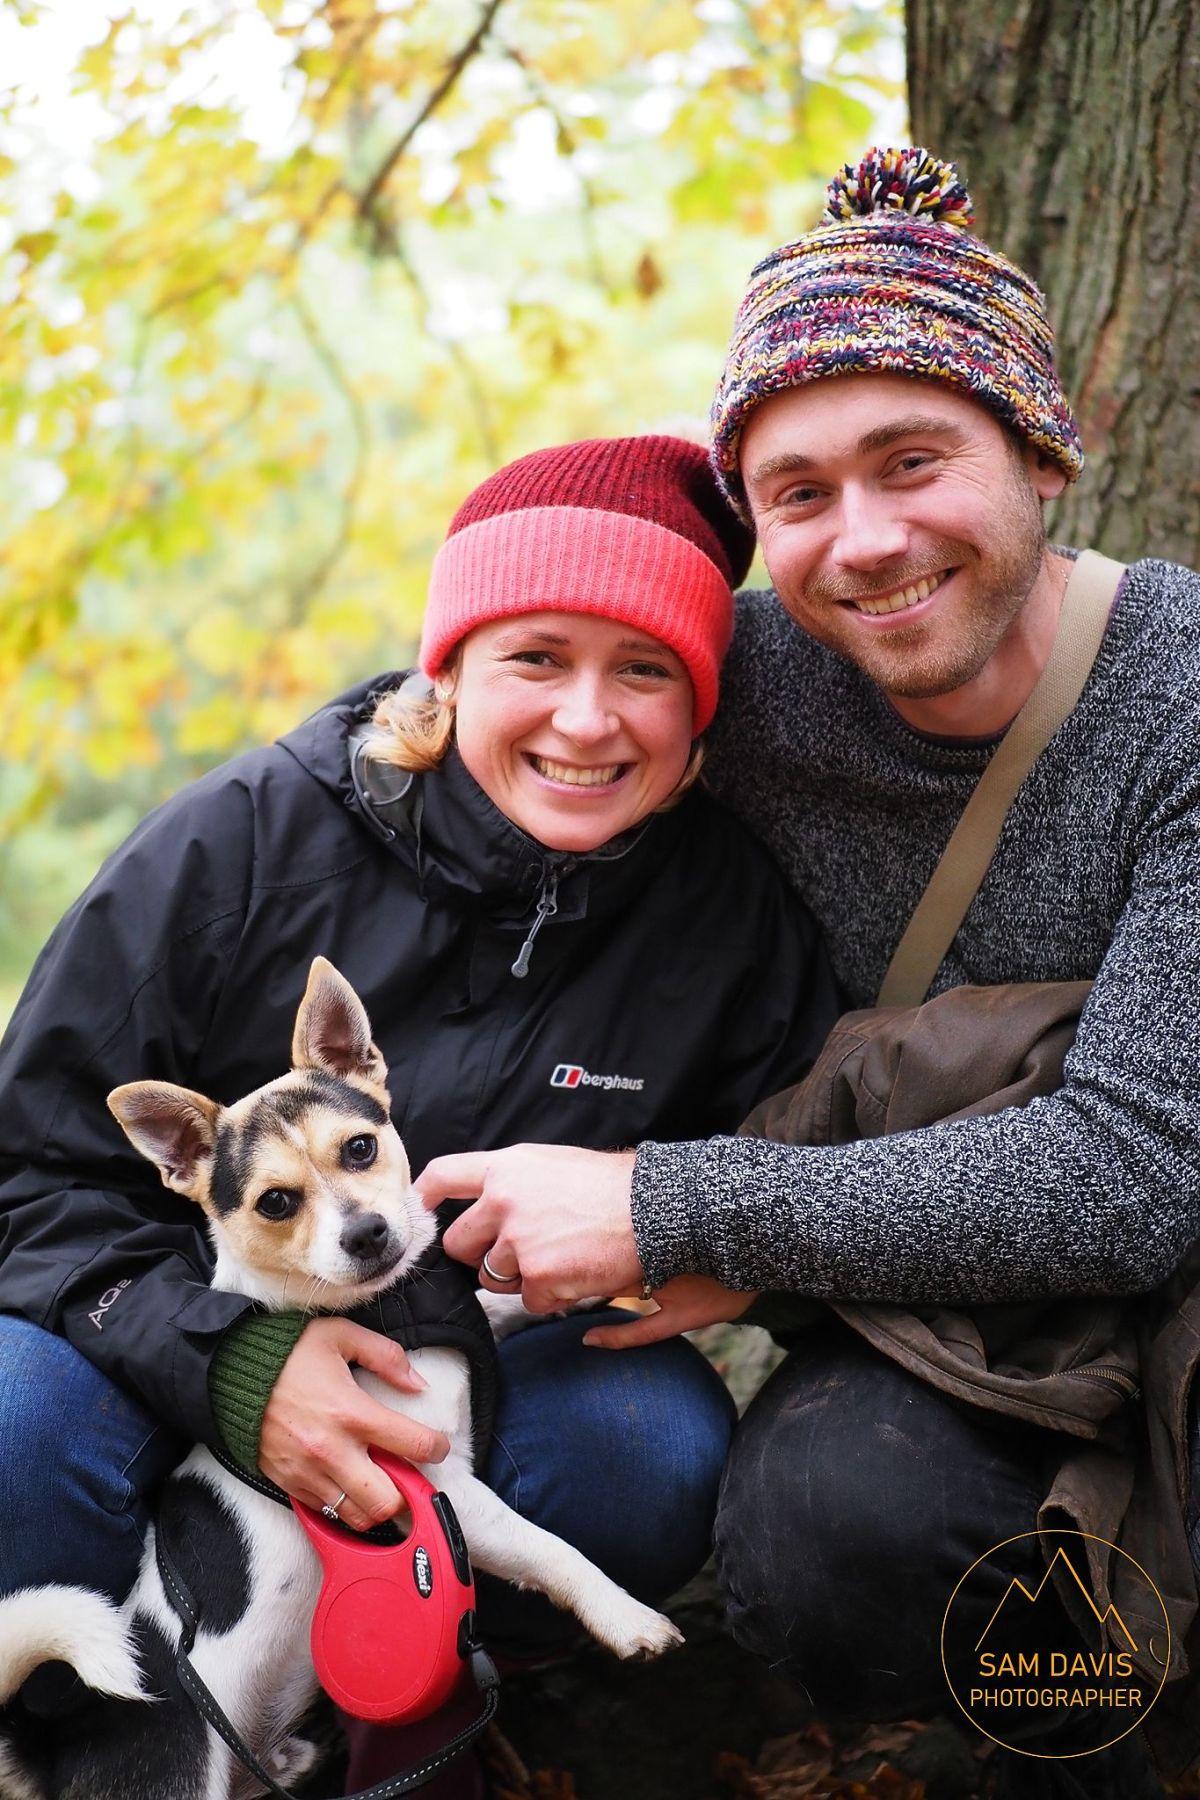 A wonderful autumn family portrait